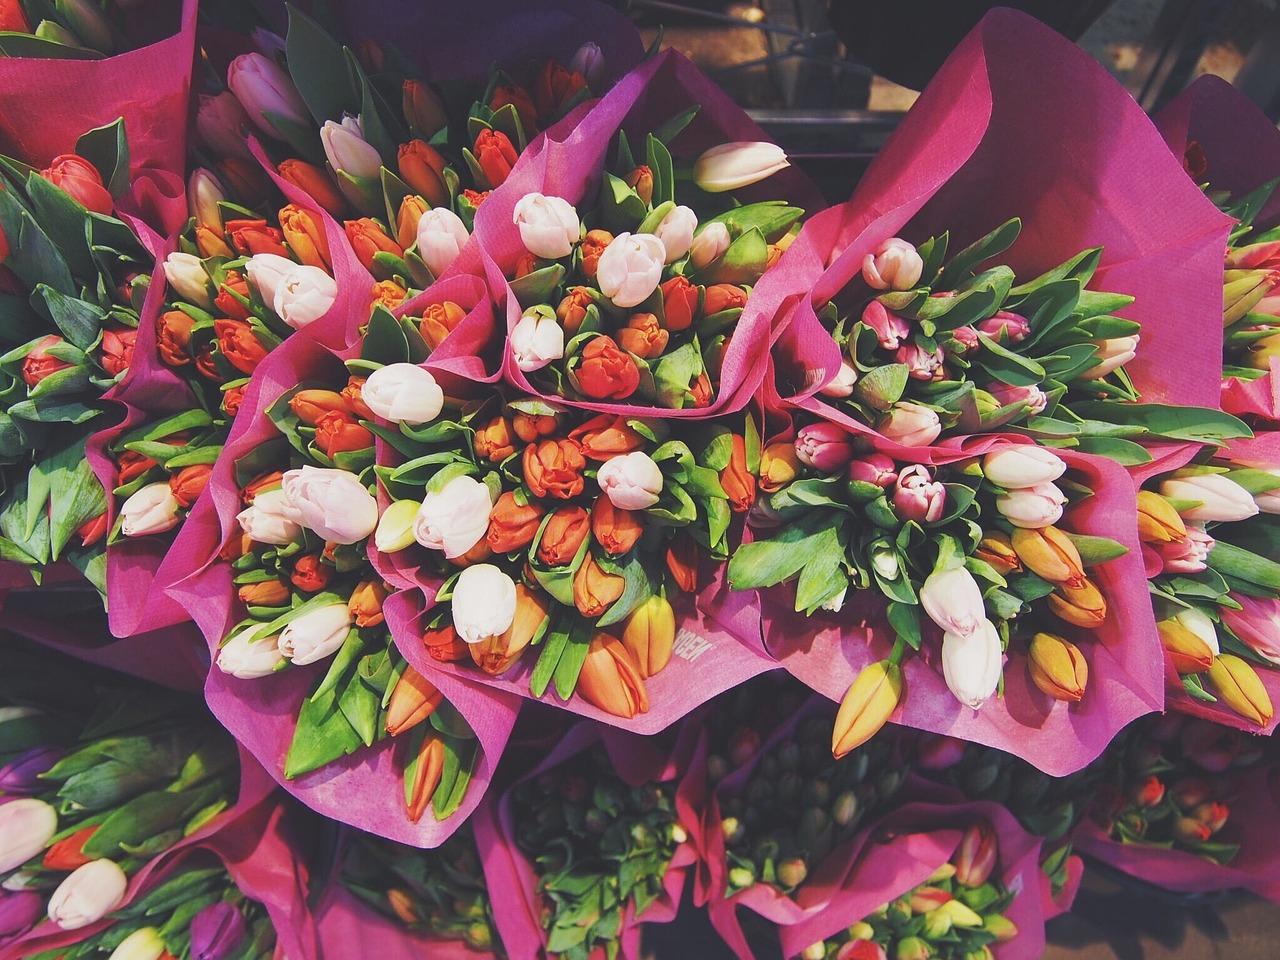 Kwiaciarnia wysyłkowa. Prezent kwiatowy dla każdego – kwiaty z dostawą